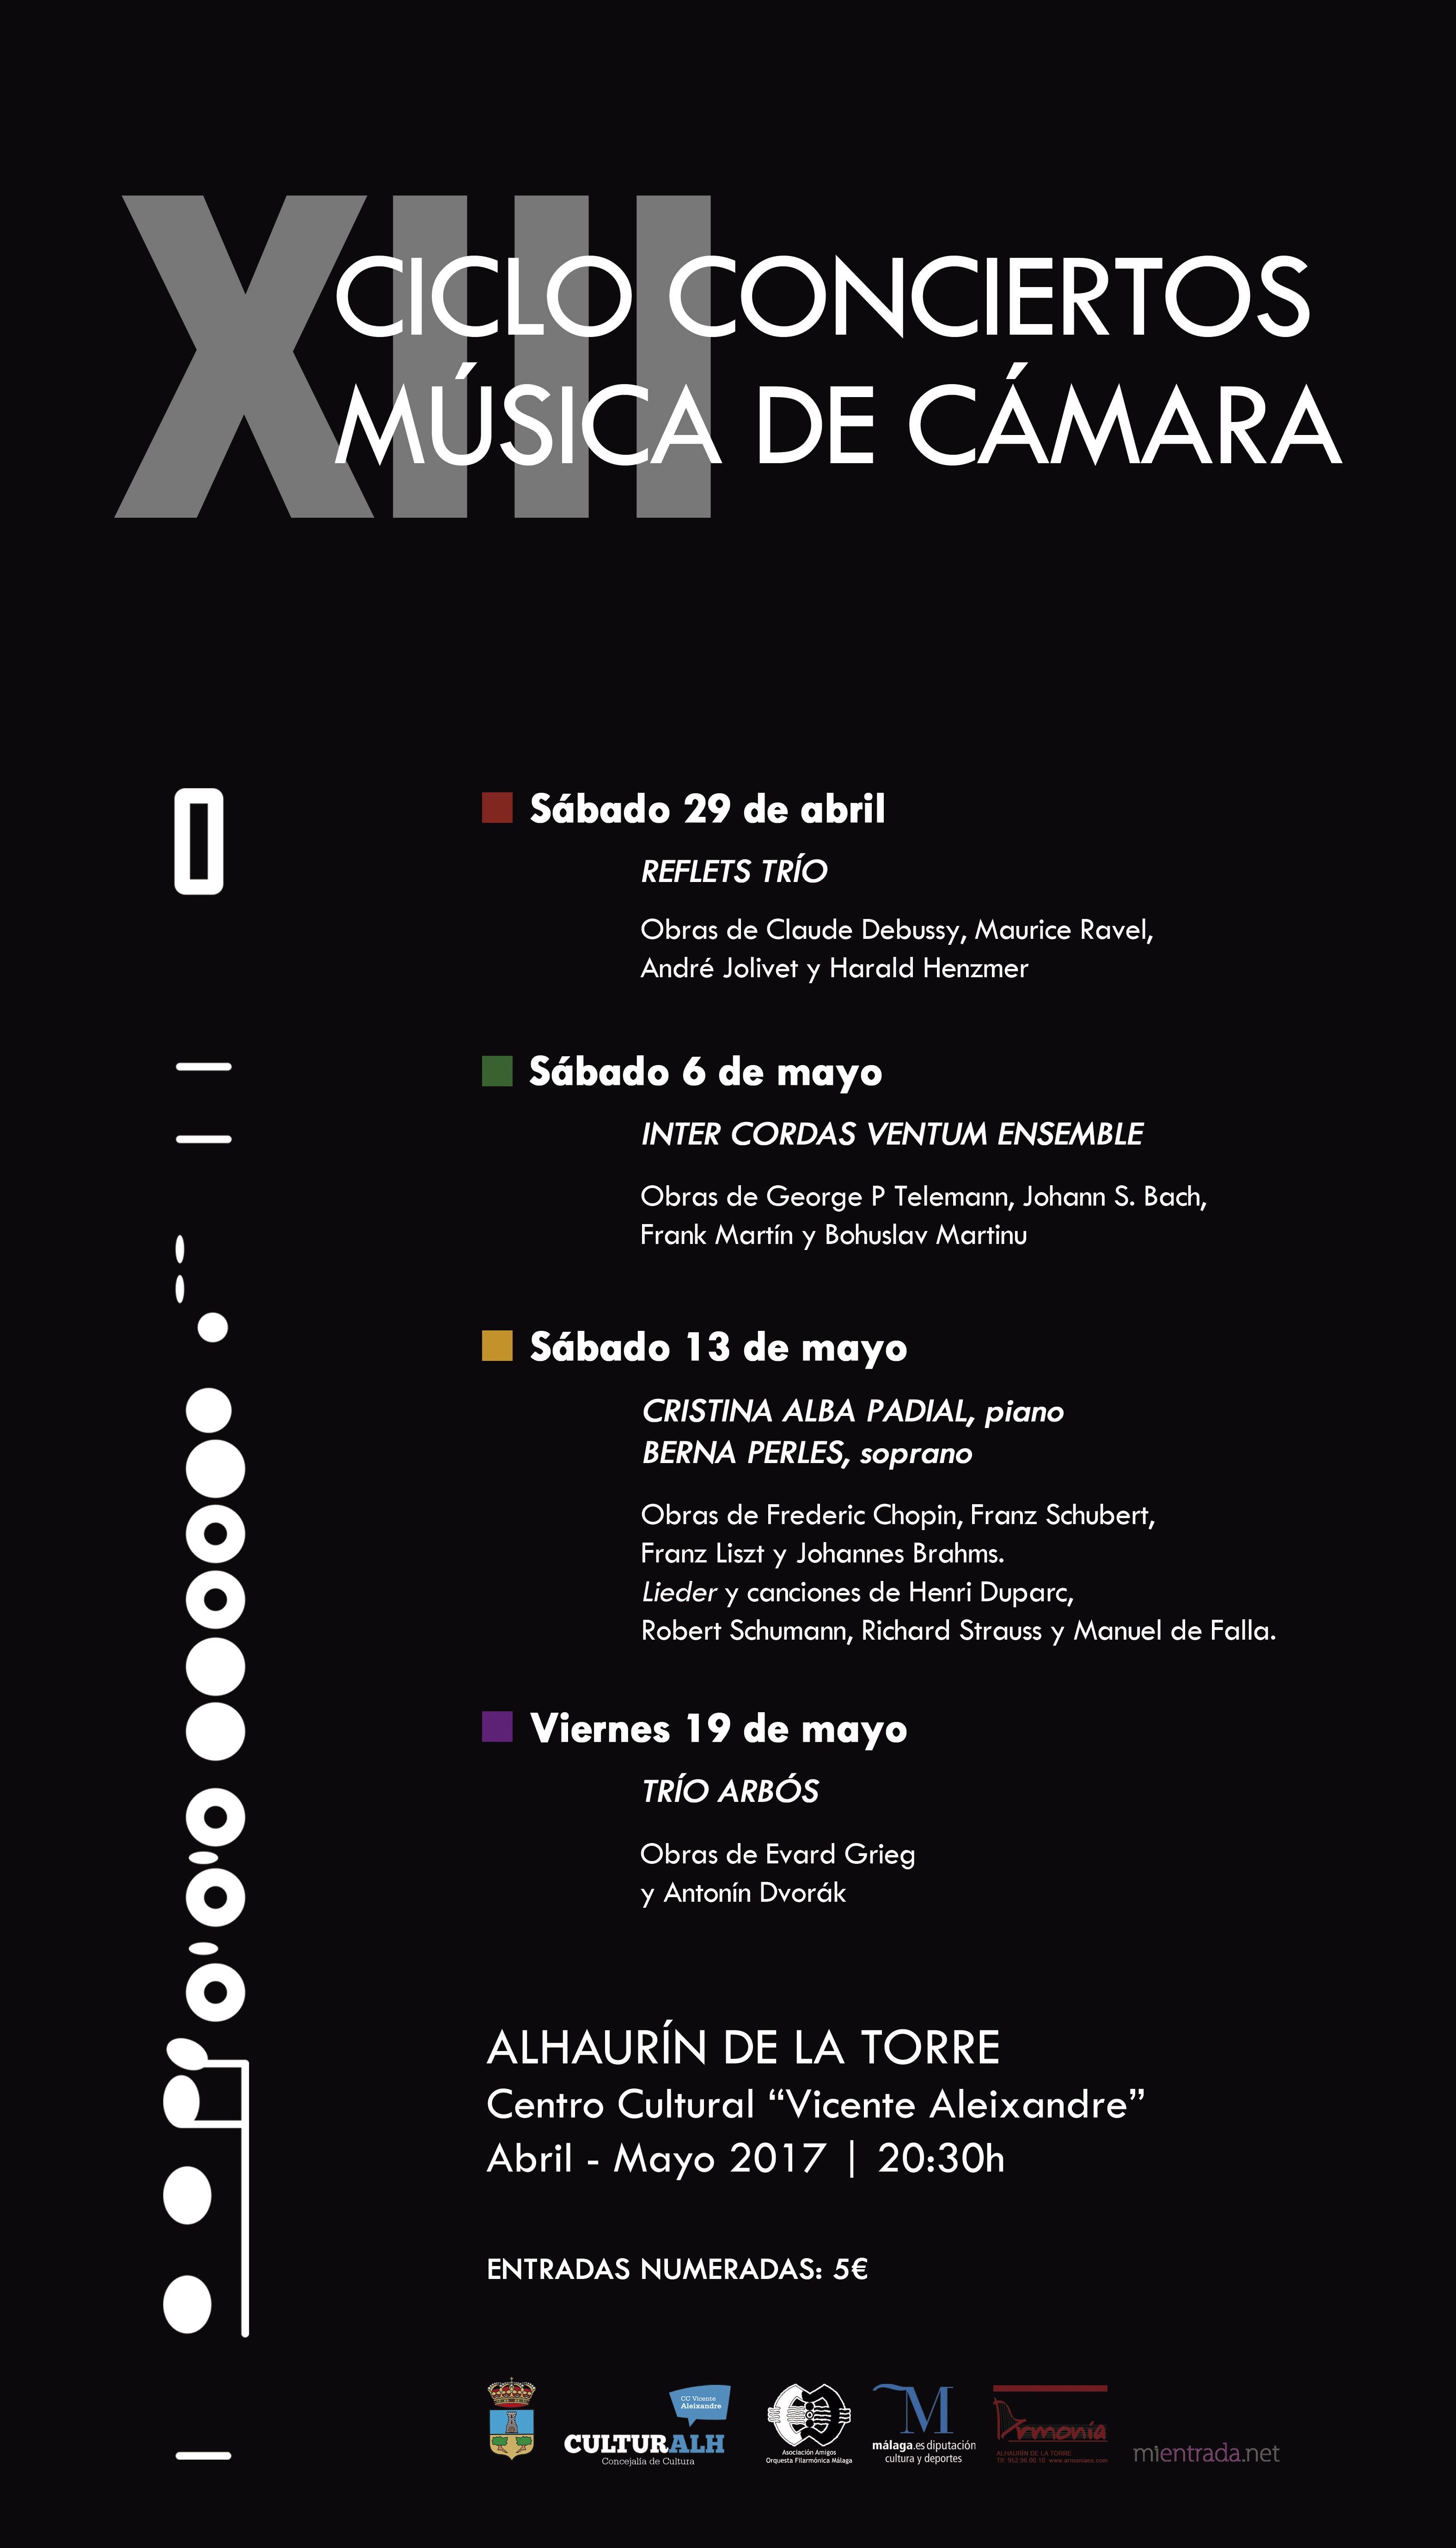 Calendario 2020 Oficial Actual El Giraldillo todos Los eventos Del 4 De Mayo En andaluca Of Calendario 2020 Oficial Más Recientes 11 Best Calendario Enero 2019 Argentina Images